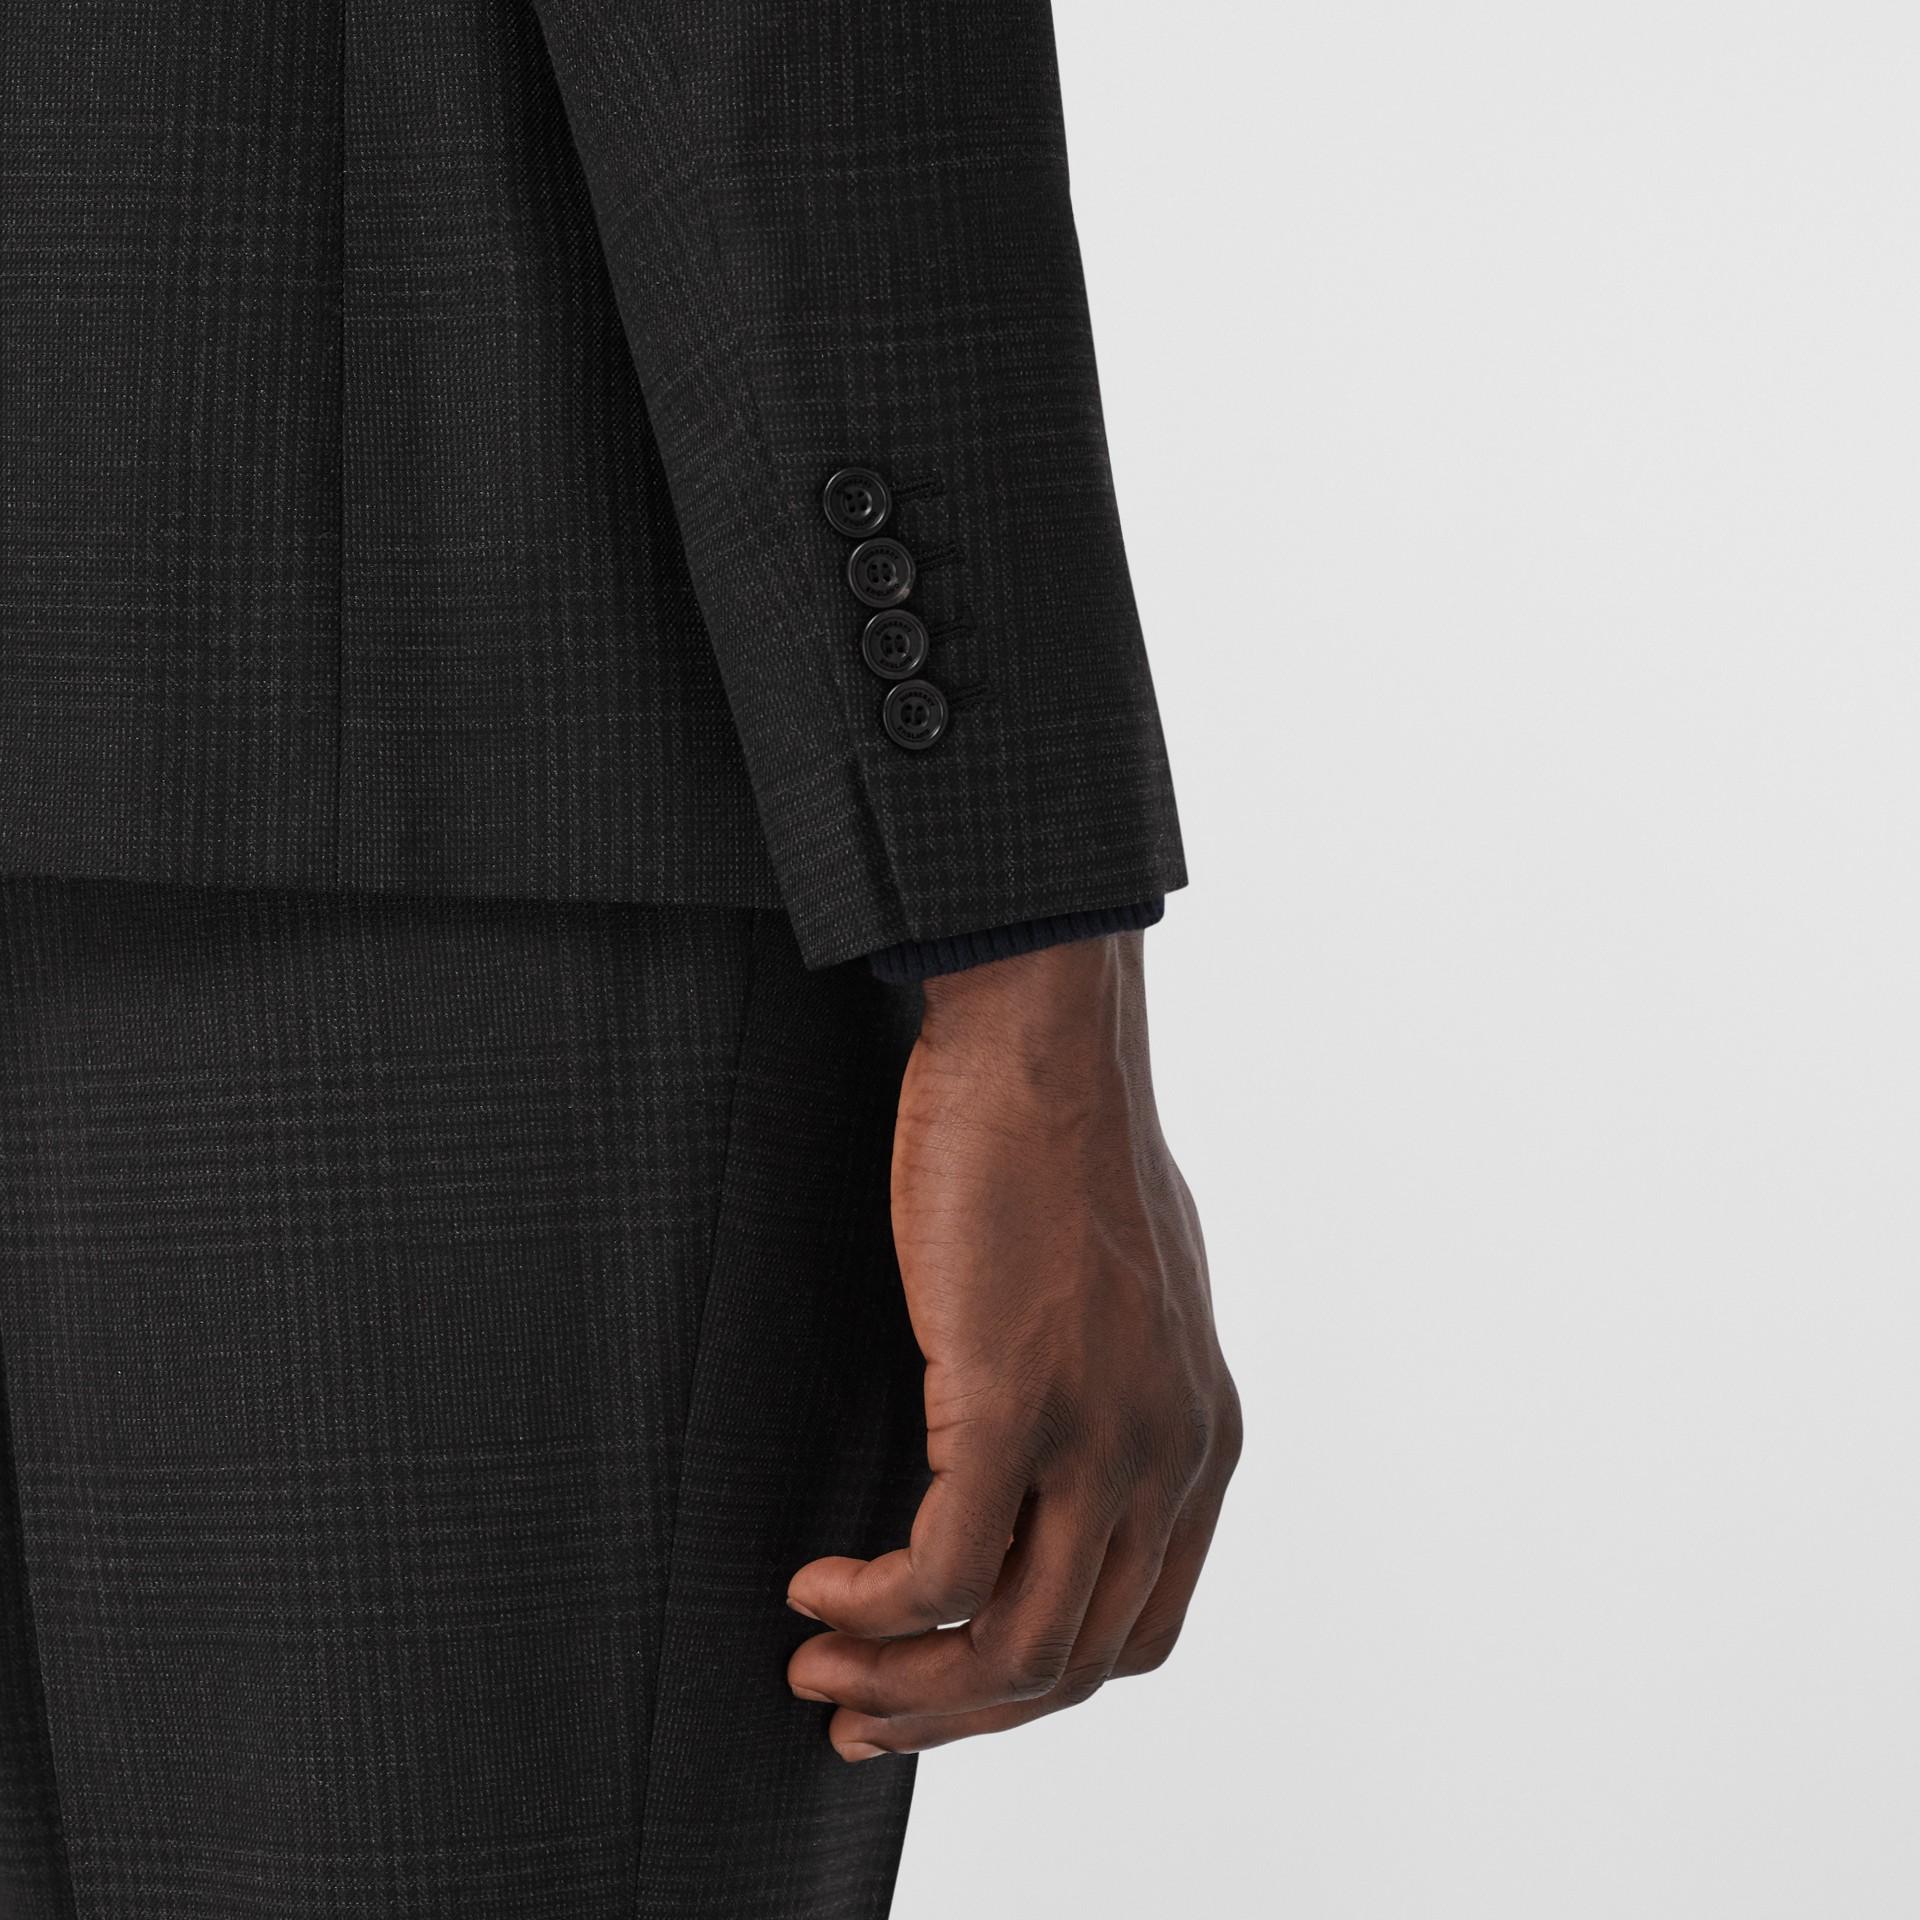 スリムフィット プリンス オブ ウェールズ チェック ウールスーツ (ダークグレー) - メンズ | バーバリー - ギャラリーイメージ 4